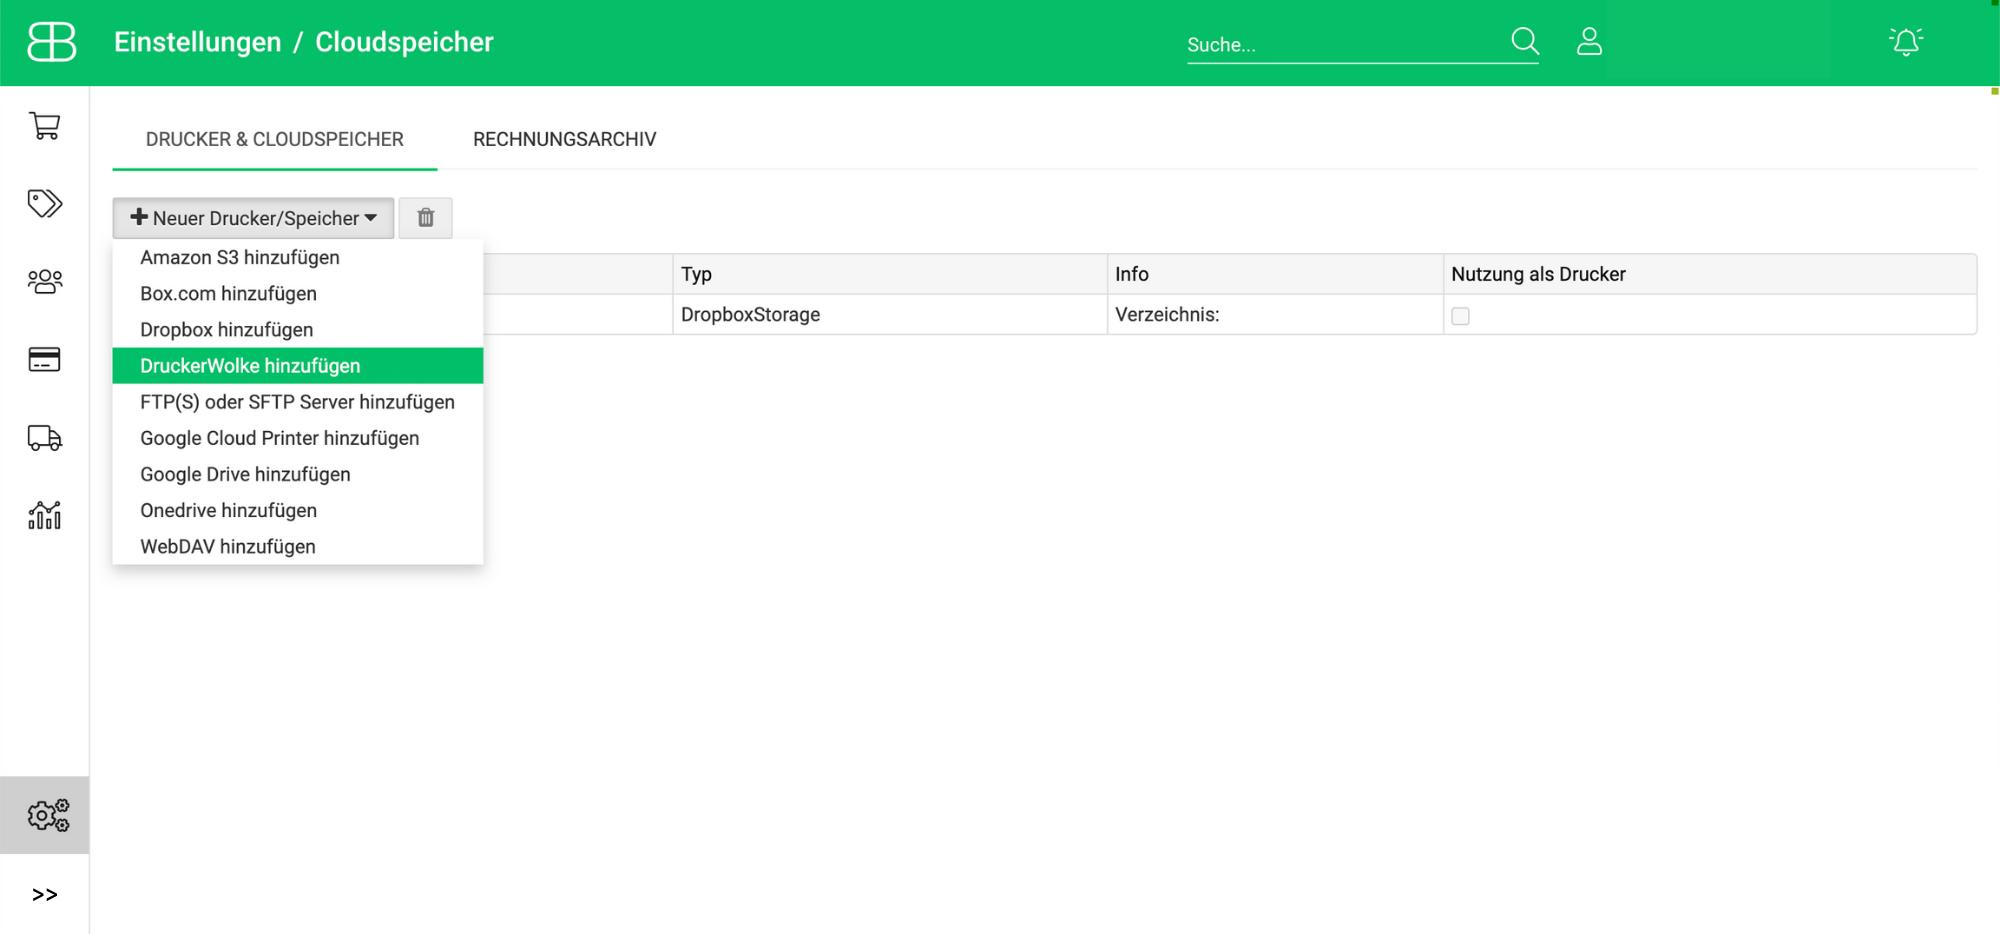 Screenshot aus Billbee zur Anbindung vom Cloudprinting-Dienst Druckerwolke